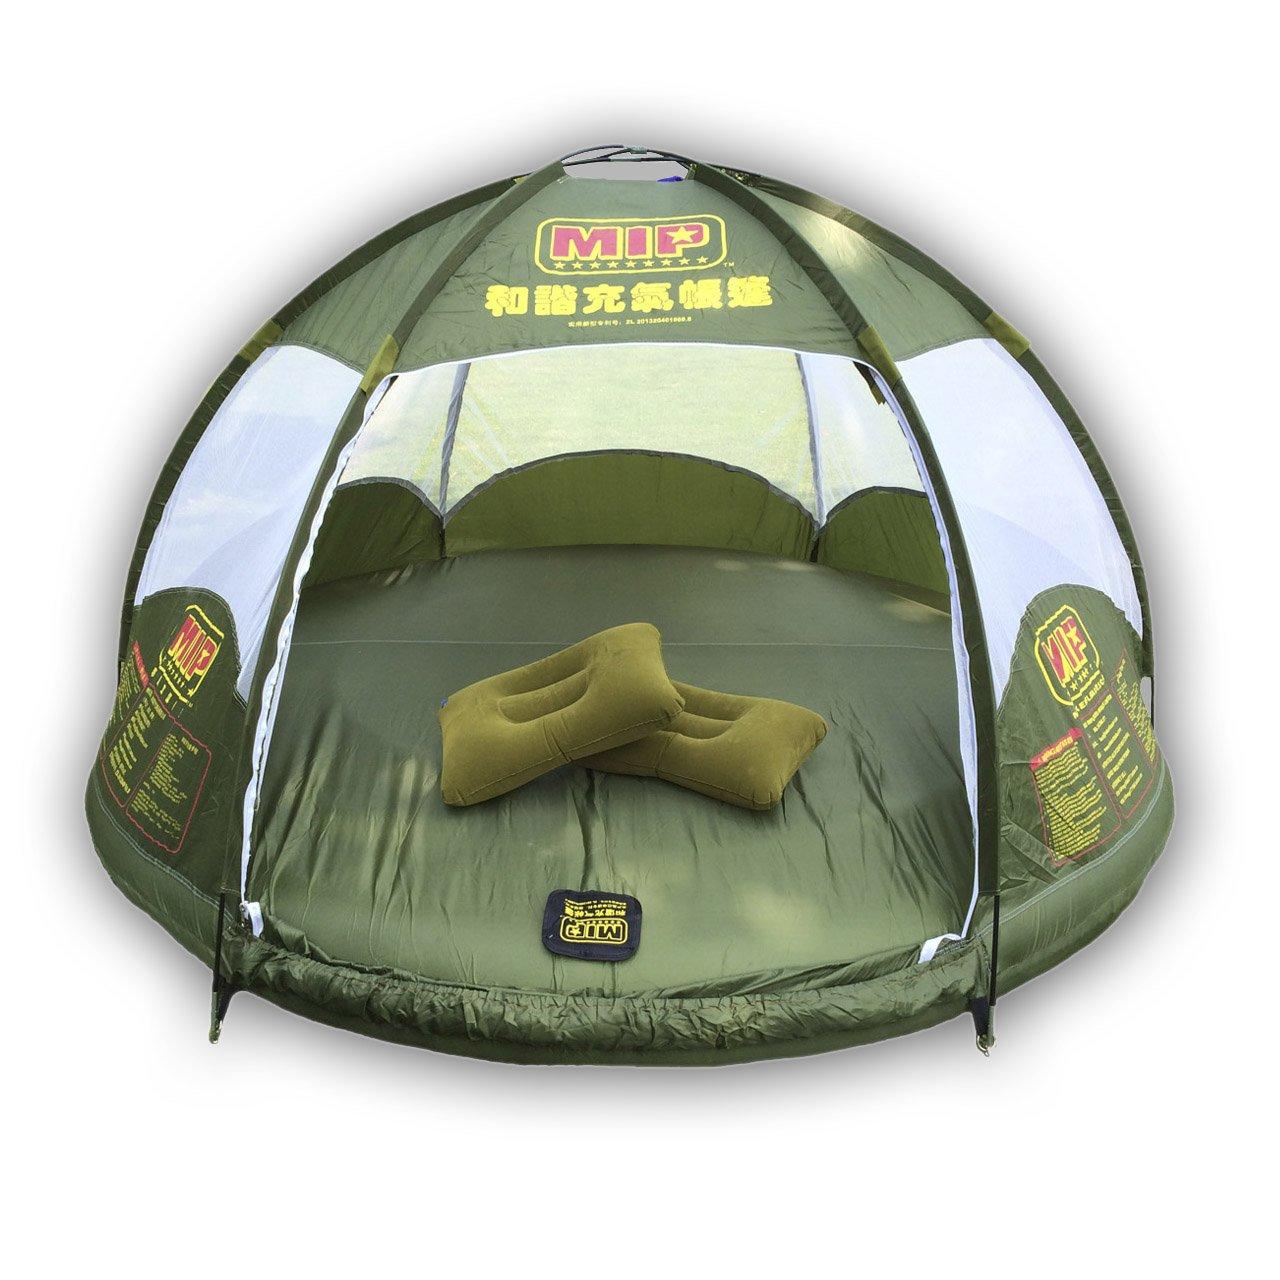 Hmsport, aufblasbare Familie Zelt 4 Personen großen Raum, wasserdicht für Outdoor Camping Auto Reisen mit Reißverschluss Tür und aufblasbare Blase, Wasser schwimmende und Anti-Schlange.